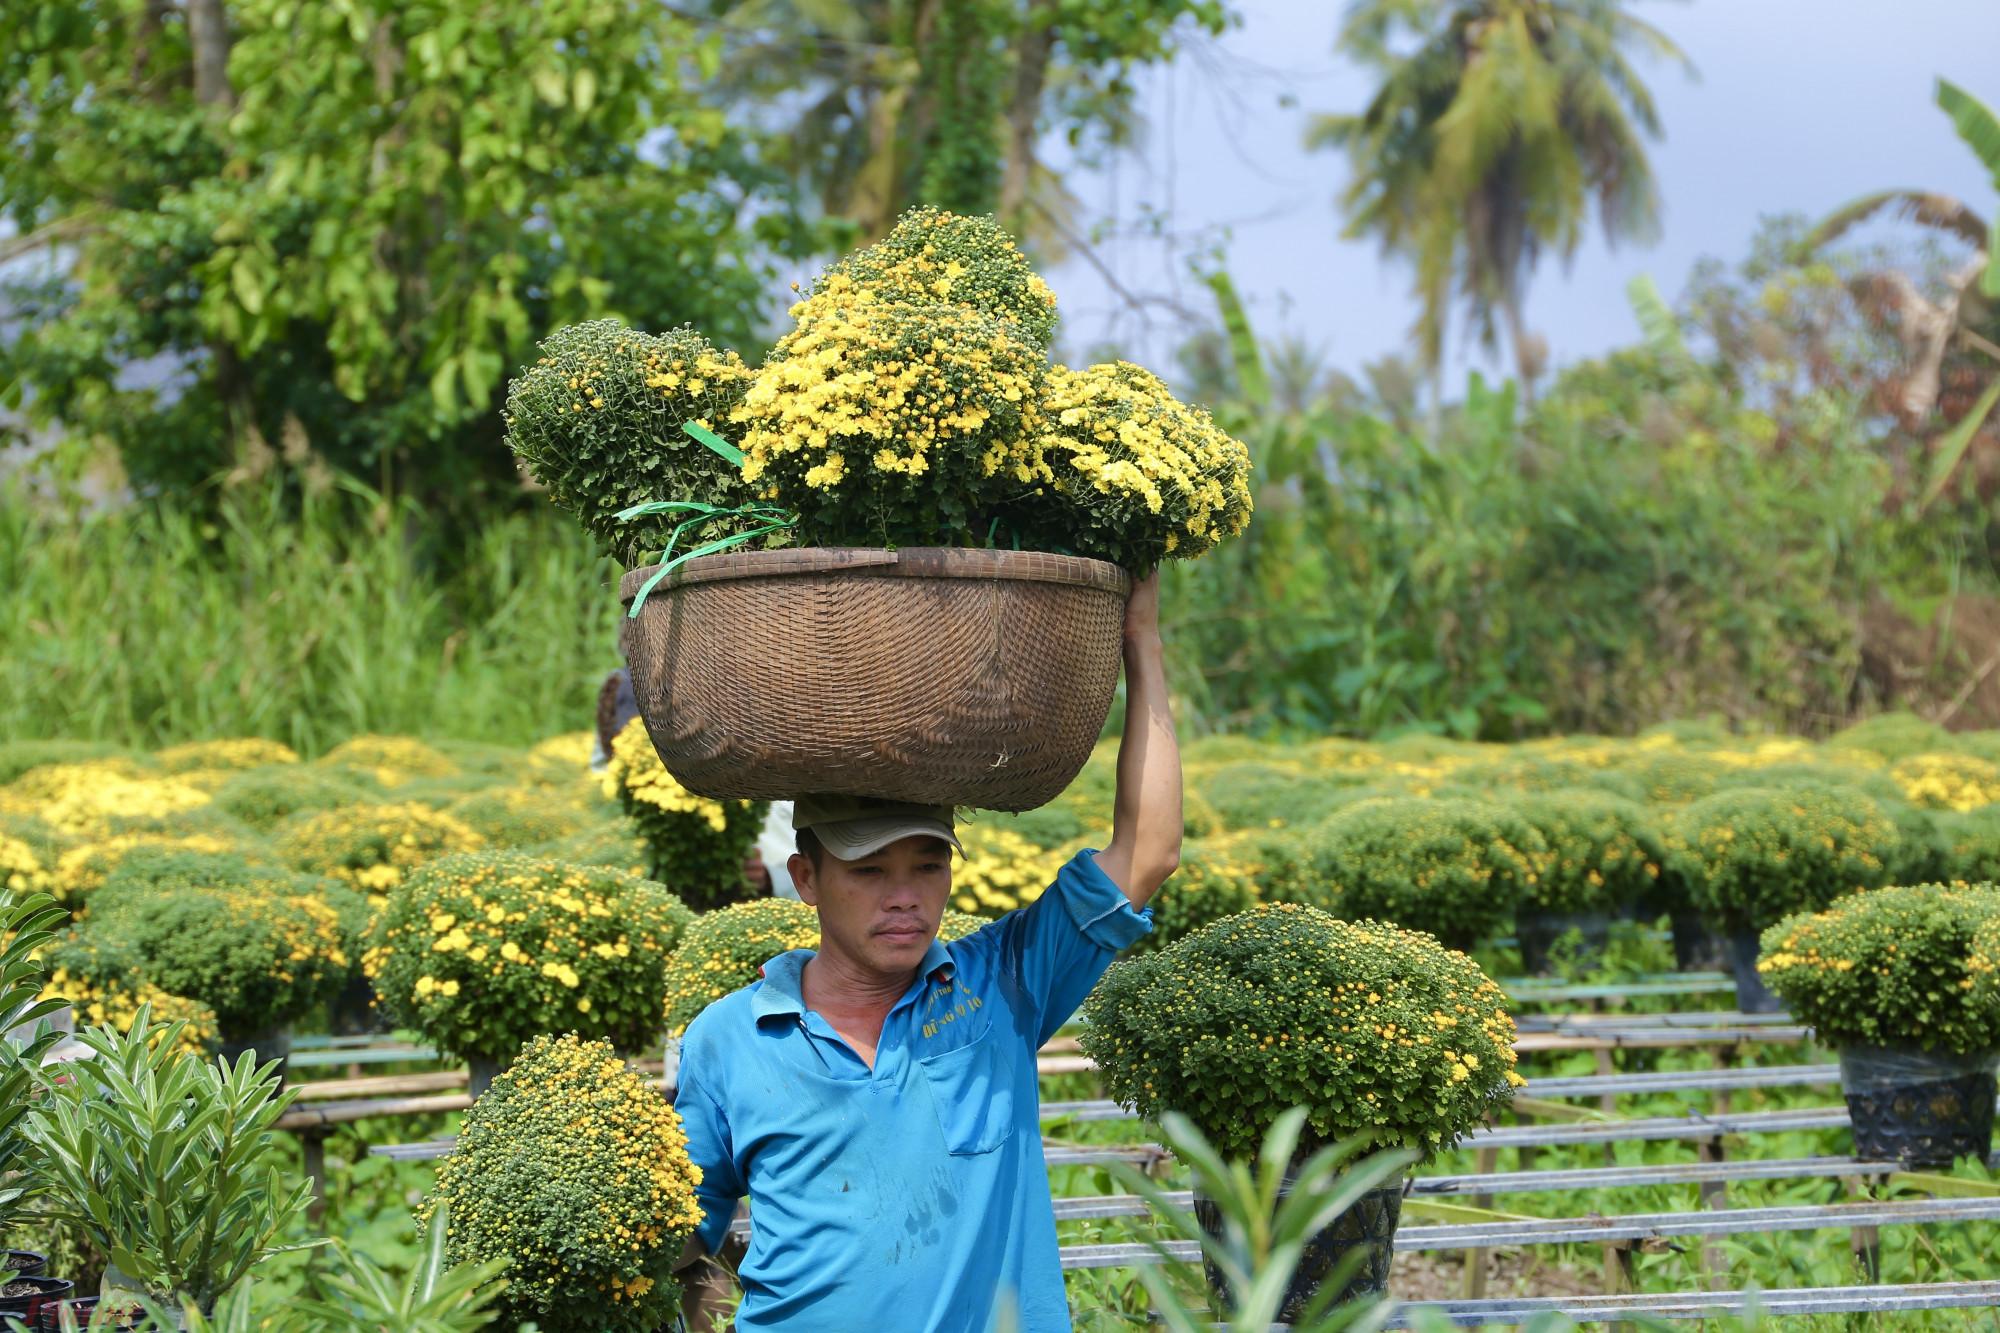 Mỗi hộ trồng cúc mâm xôi đều có số lượng lớn từ hơn 1.000 đến khoảng 4.000-5.000 chậu. Loại hoa này khá tốn diện tích do tán bông xoè tròn nên hộ nào có đất rộng mới có thể canh tác.